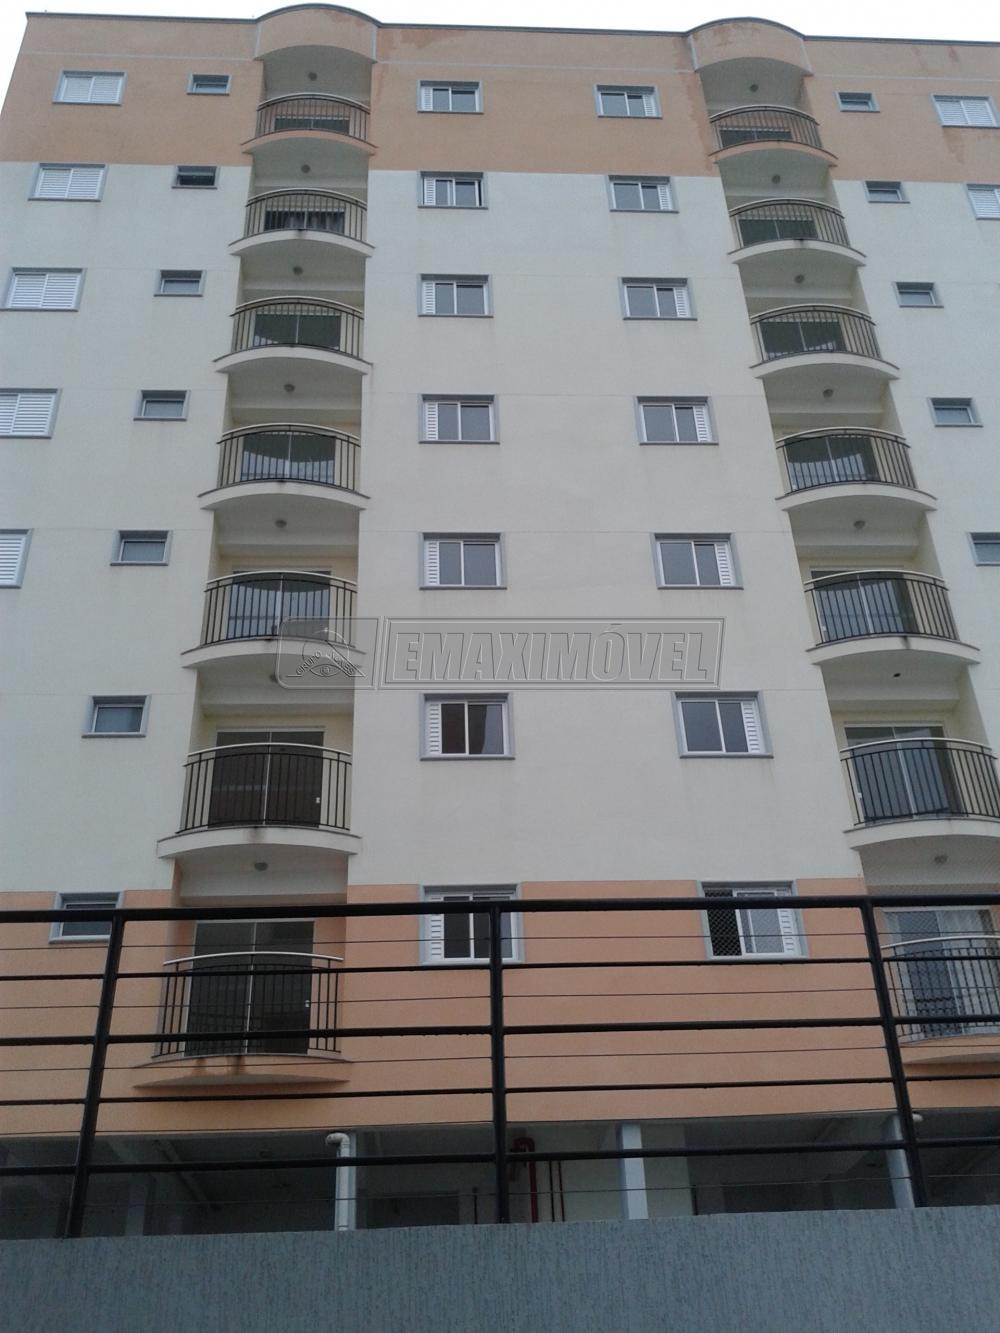 Comprar Apartamentos / Cobertura em Sorocaba apenas R$ 226.000,00 - Foto 1